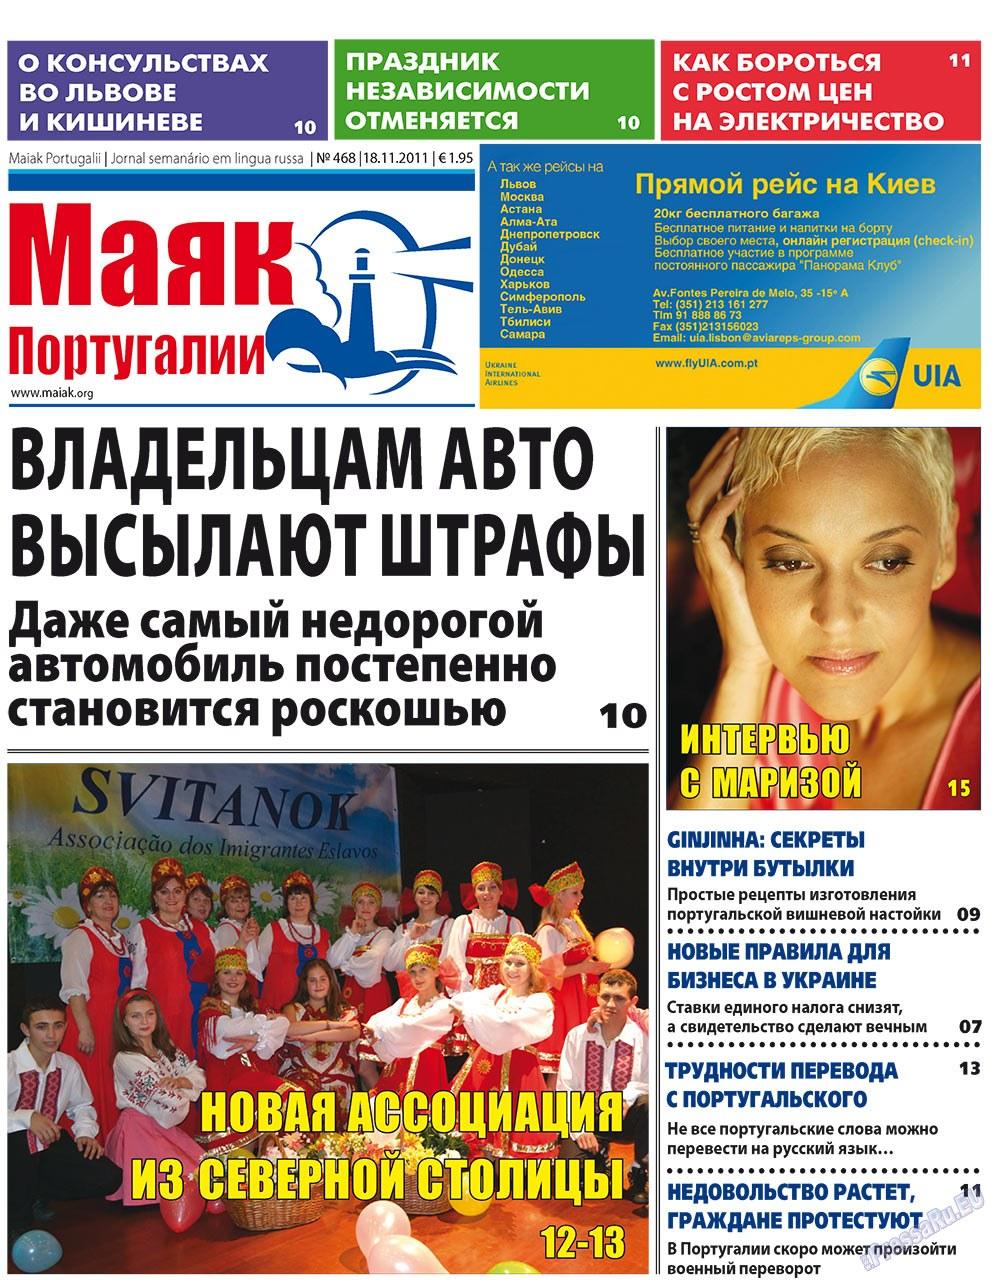 Маяк Португалии (газета). 2011 год, номер 468, стр. 1